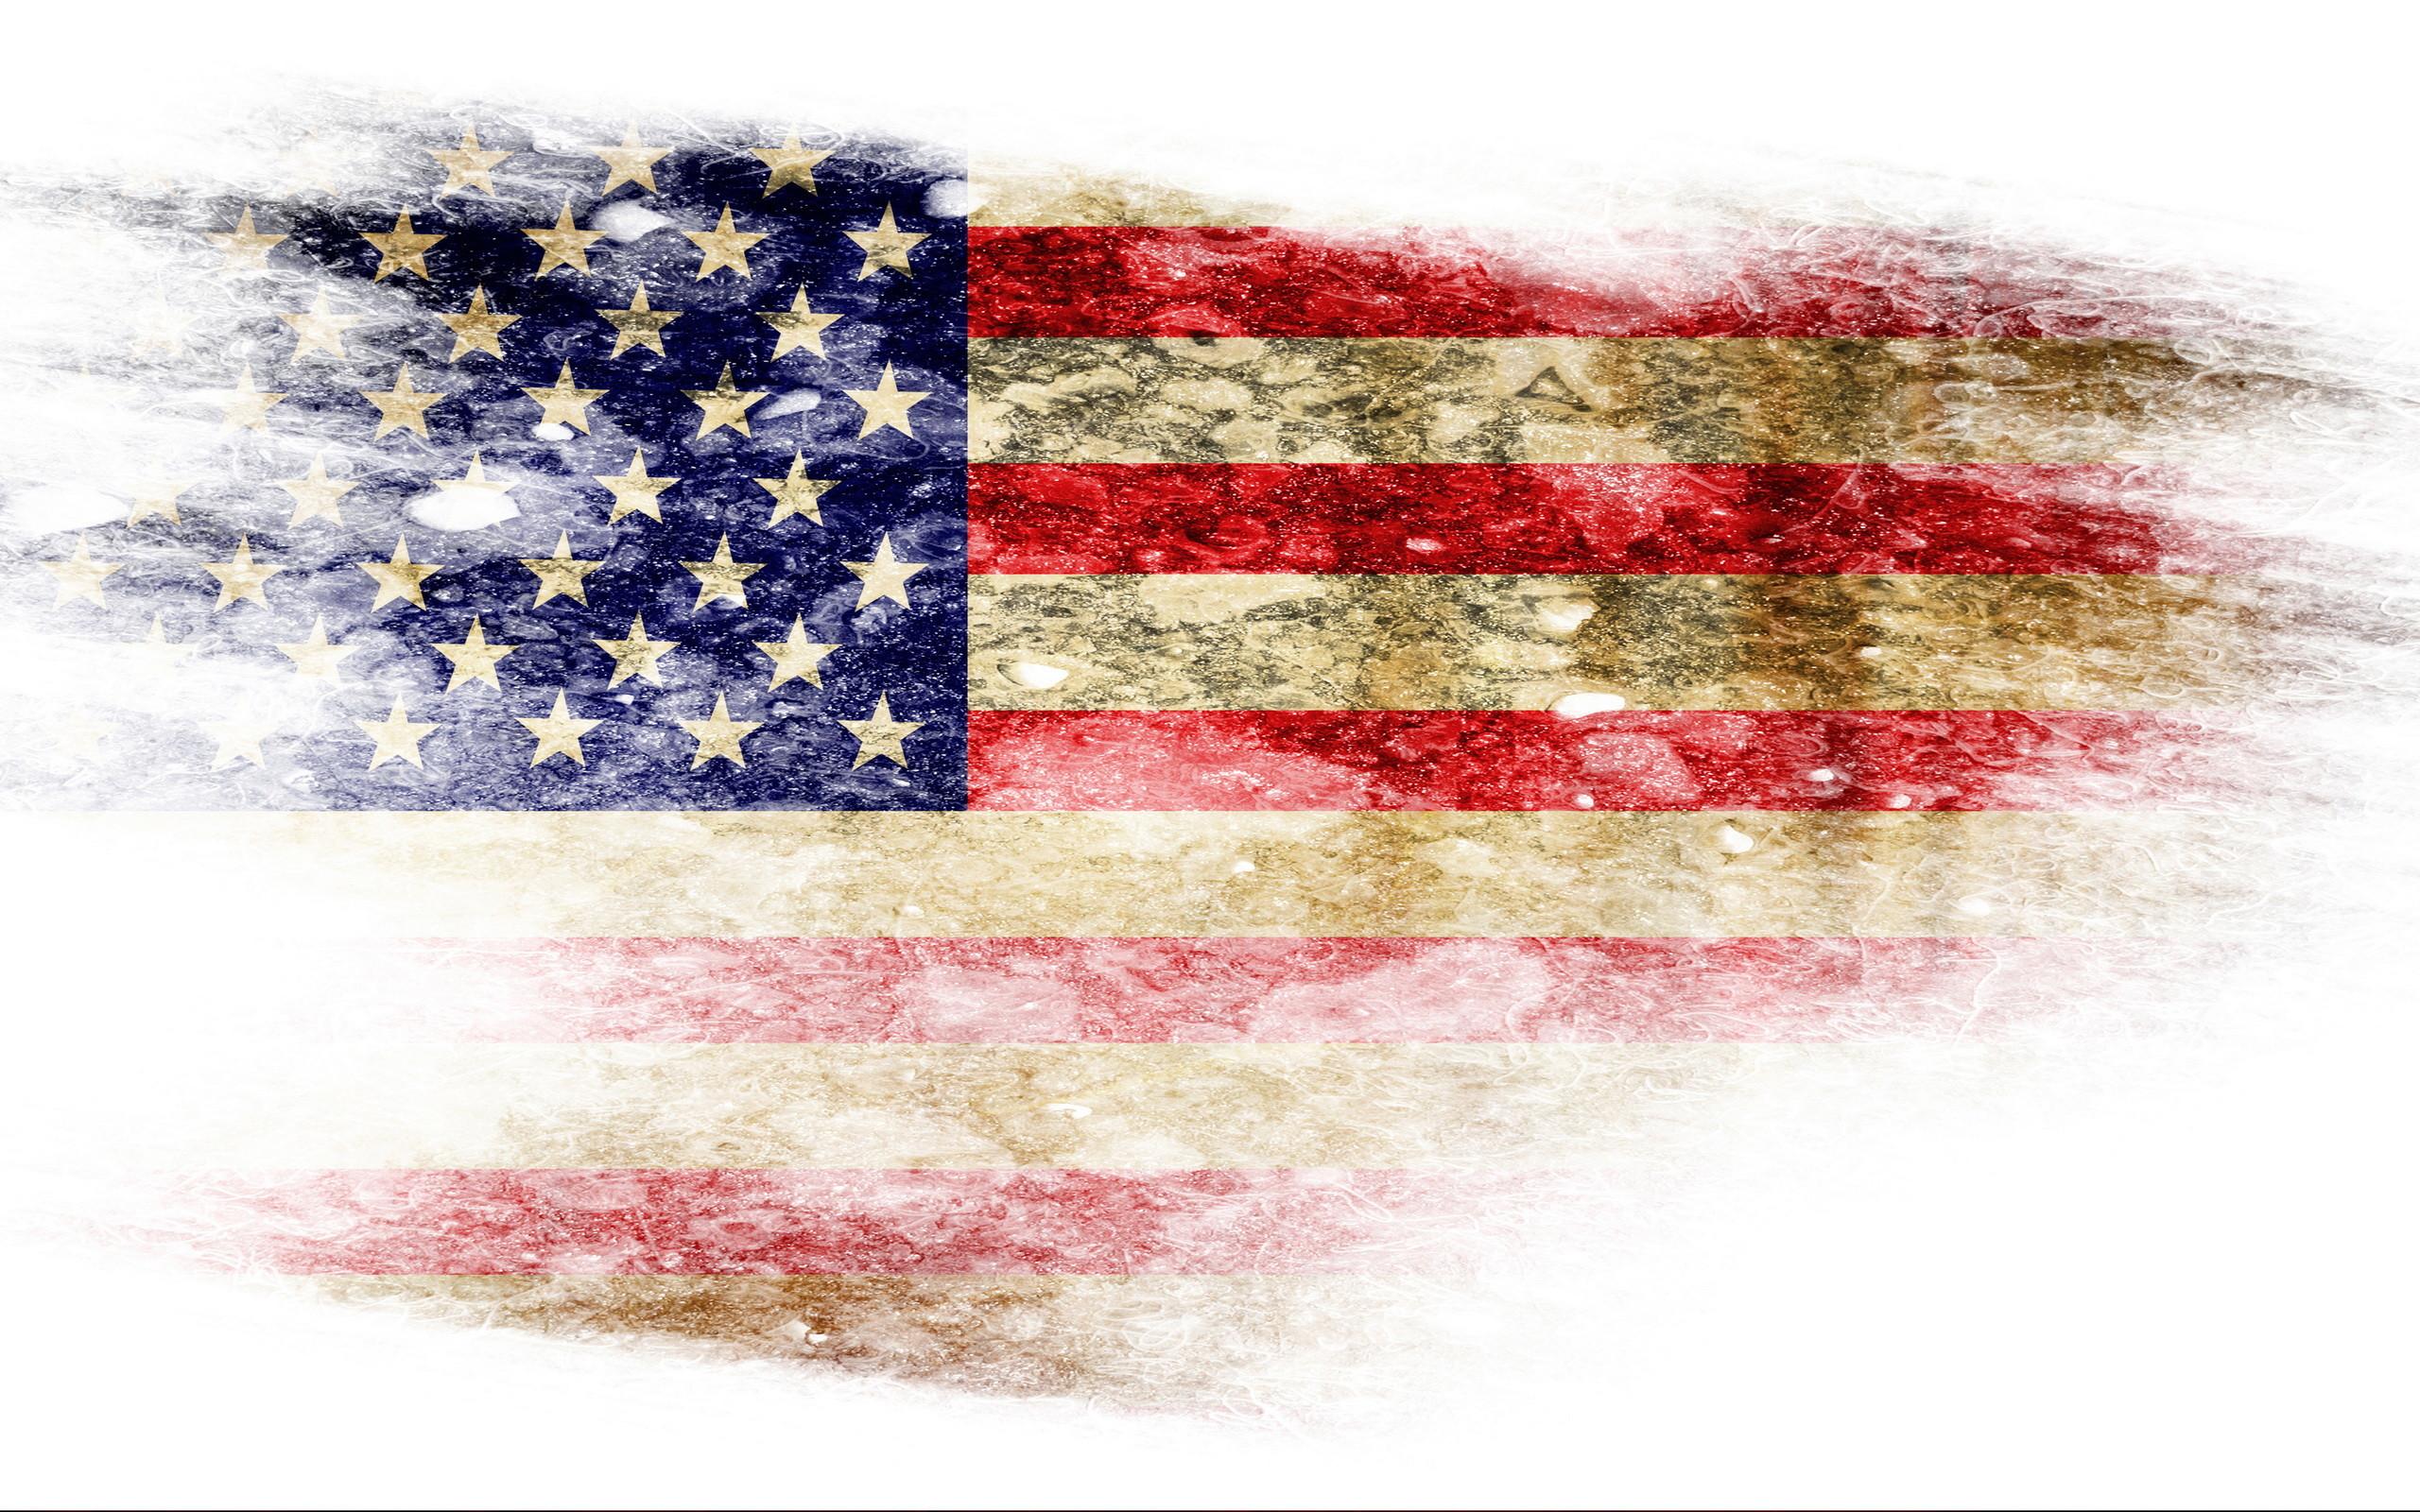 Vintage American Flag Desktop Background Wallpaper For HD Wallpaper  Resolution px 1.44 MB